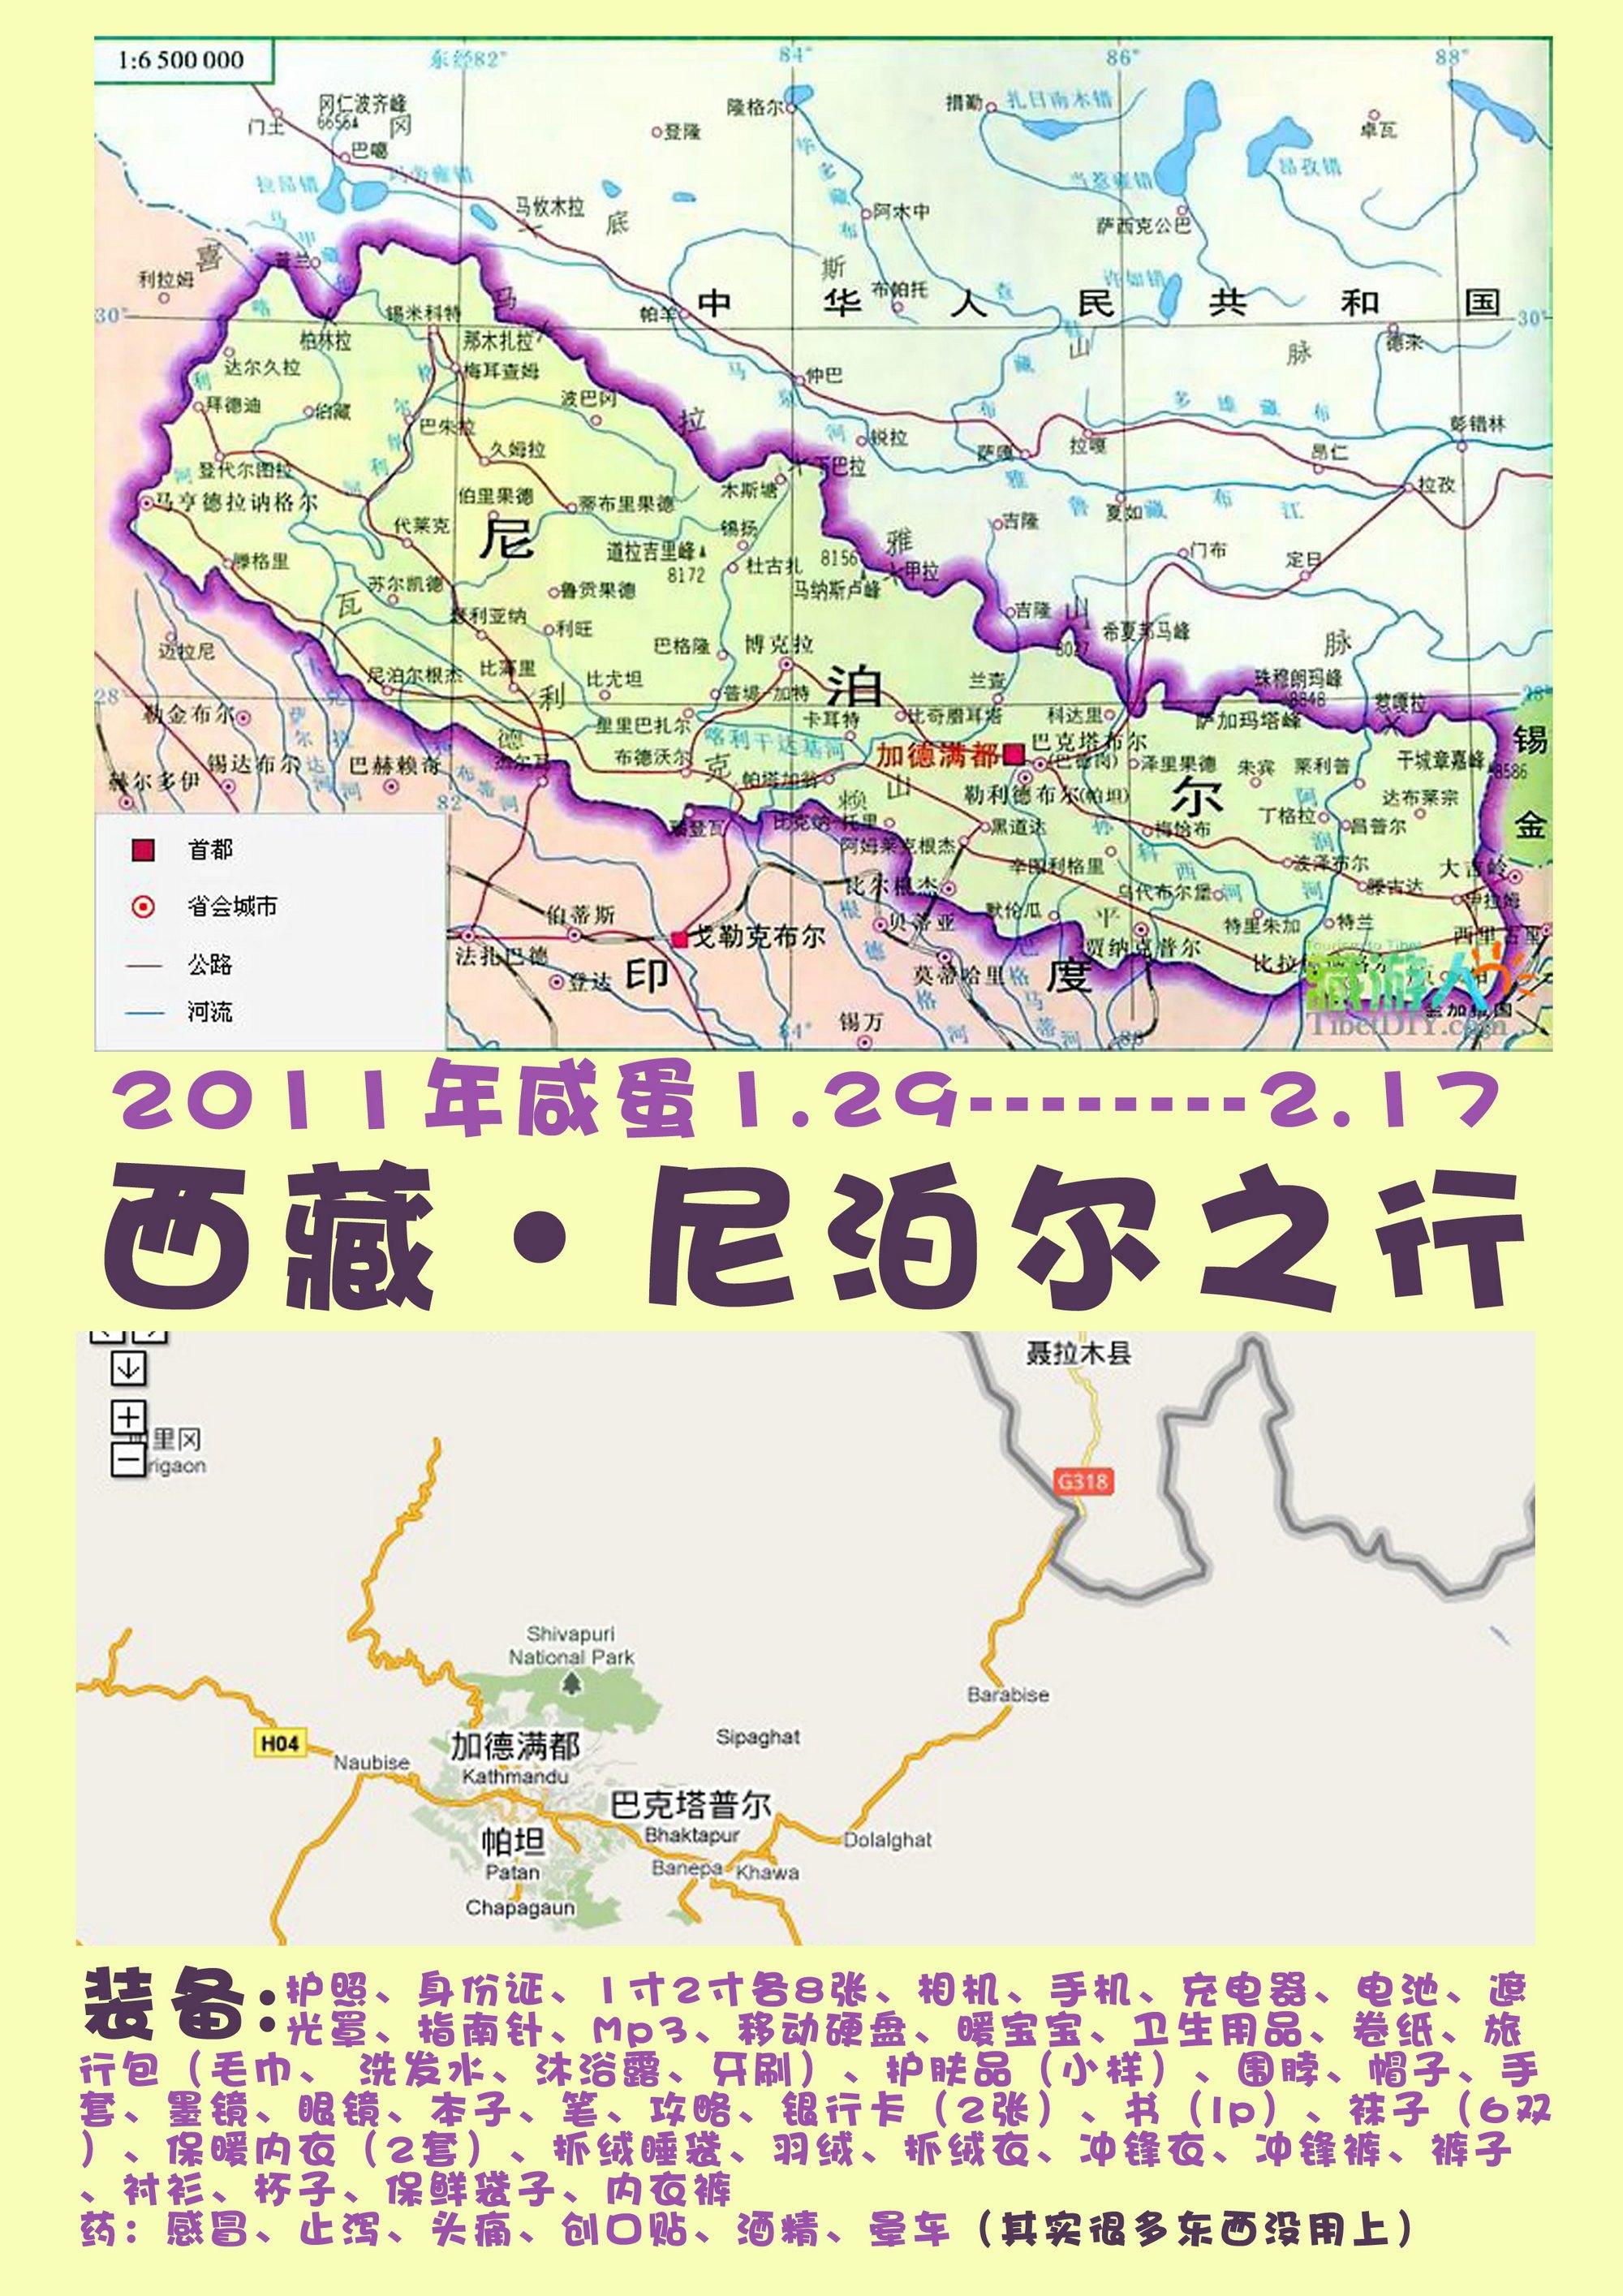 尼泊尔地图_尼泊尔地图中文版_尼泊尔地图库